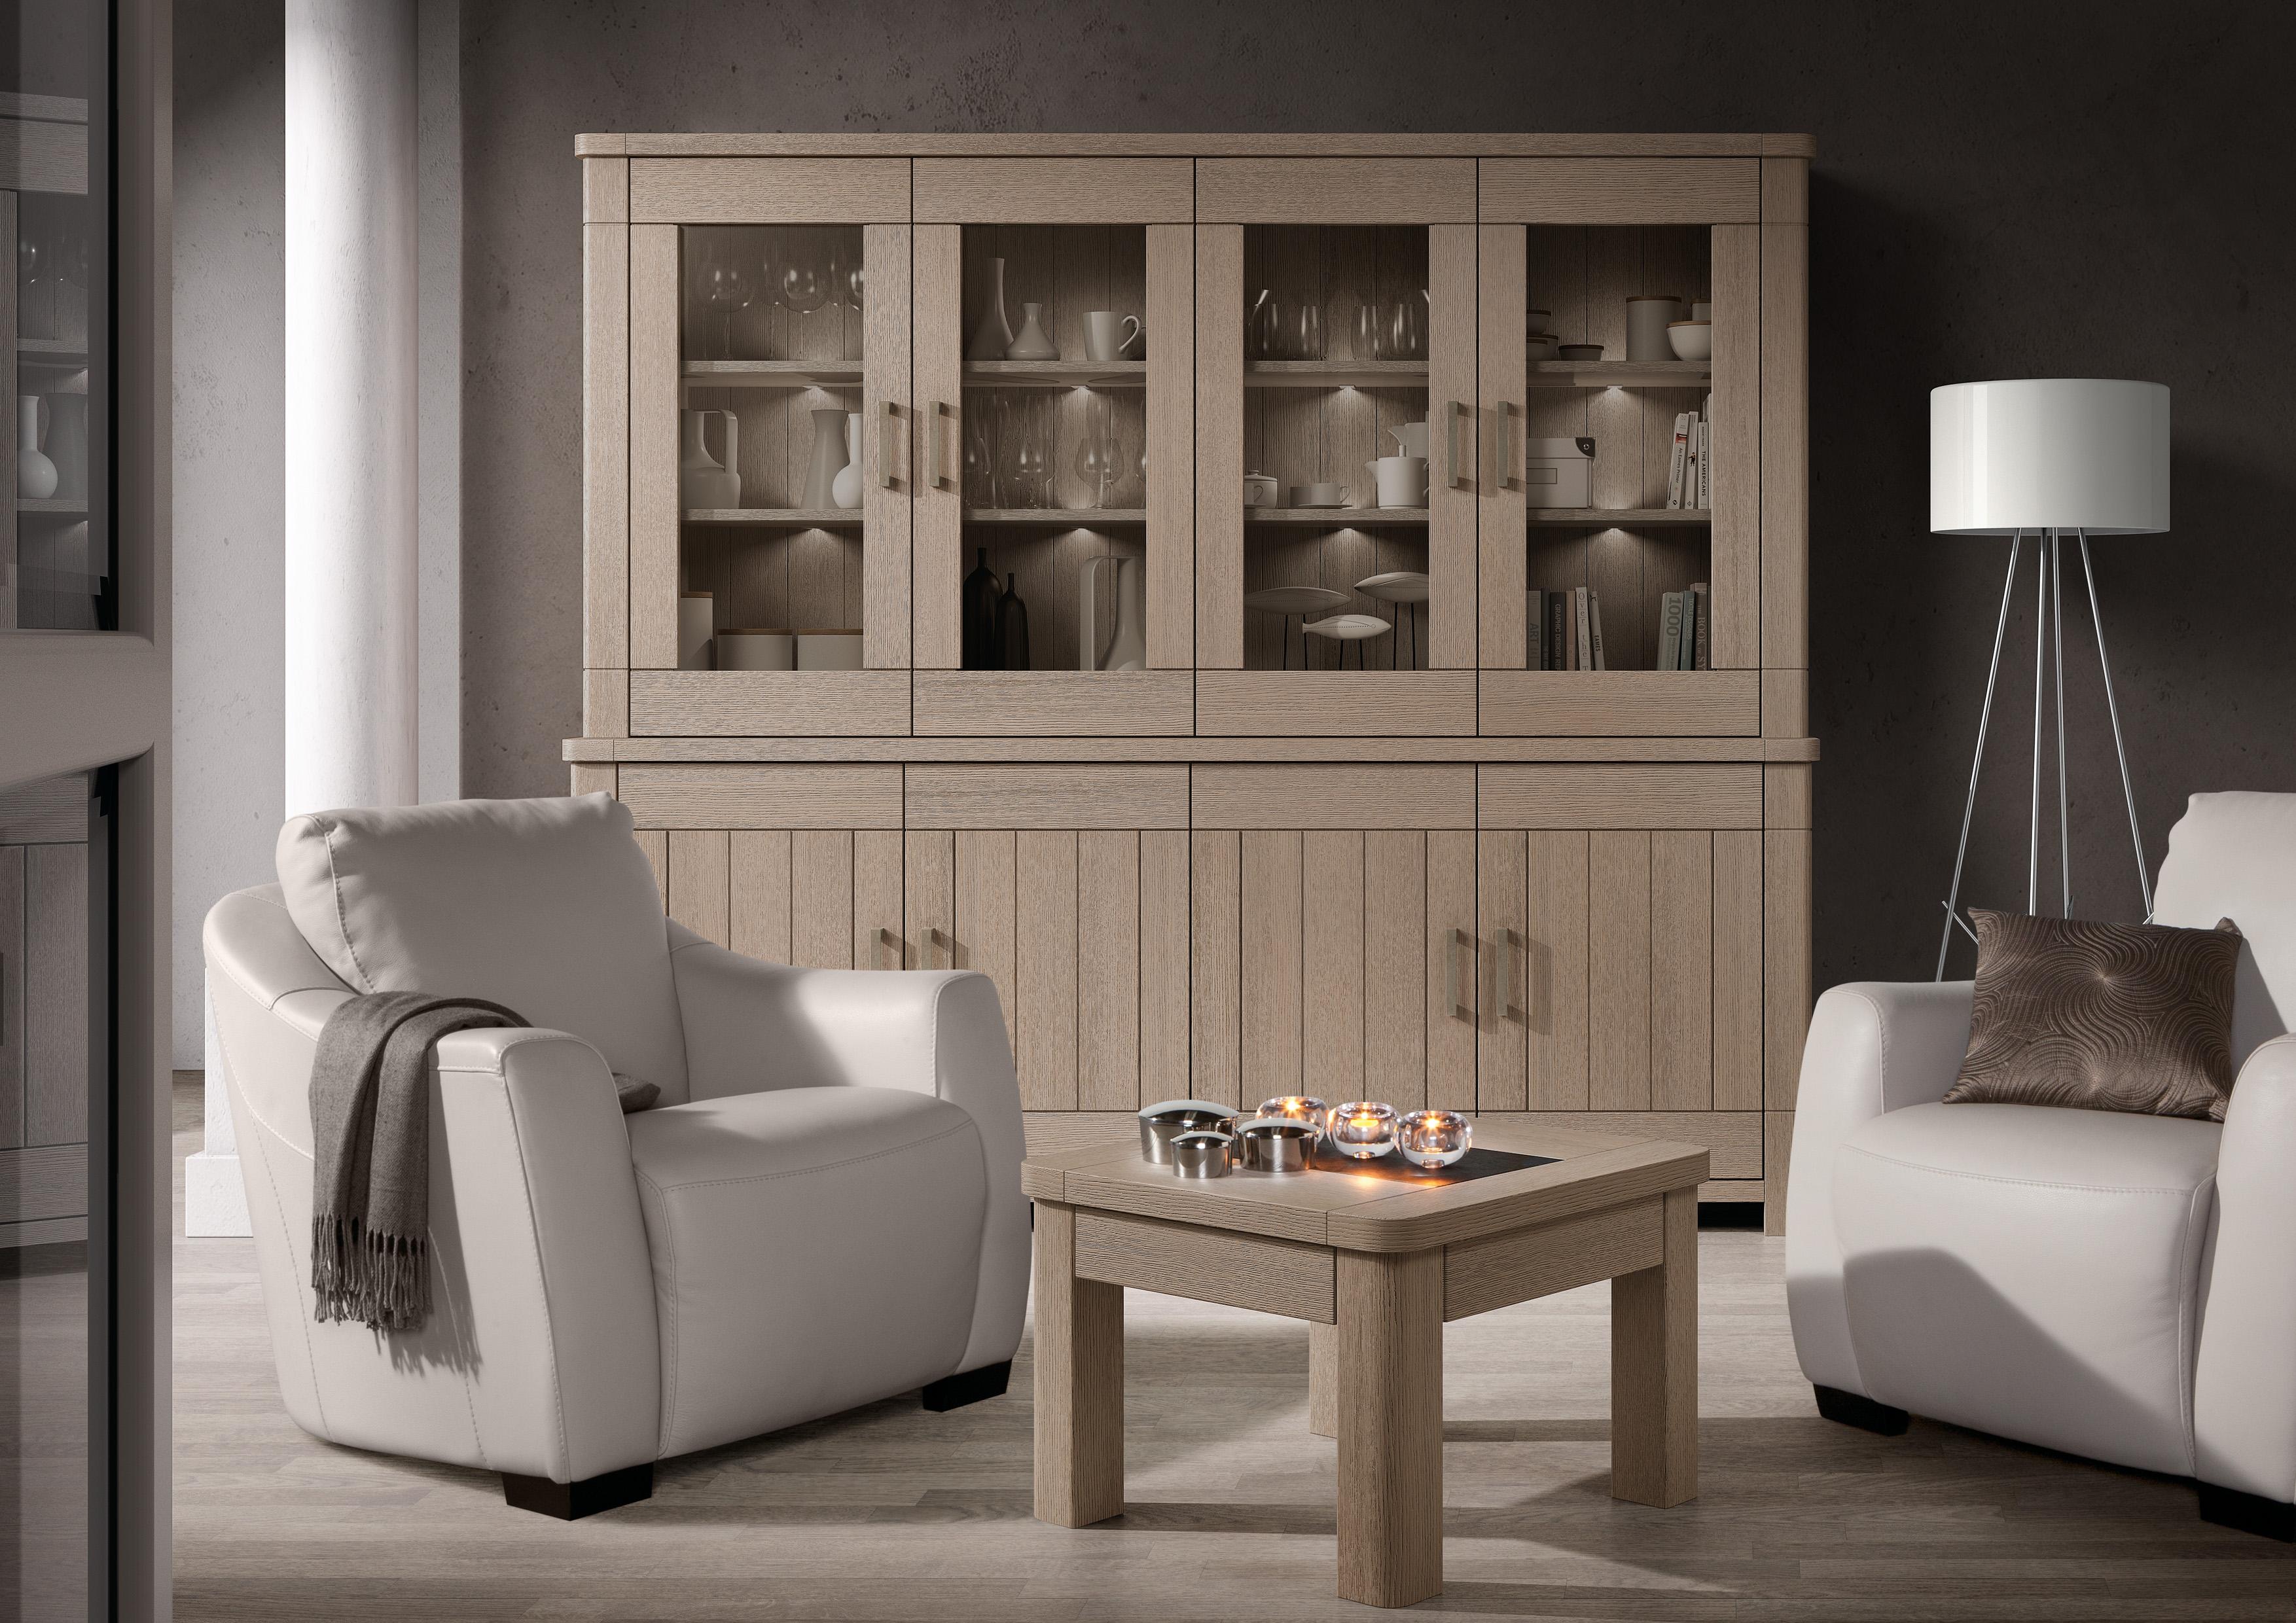 kalkverf meubels kast met kalkverf with kalkverf meubels